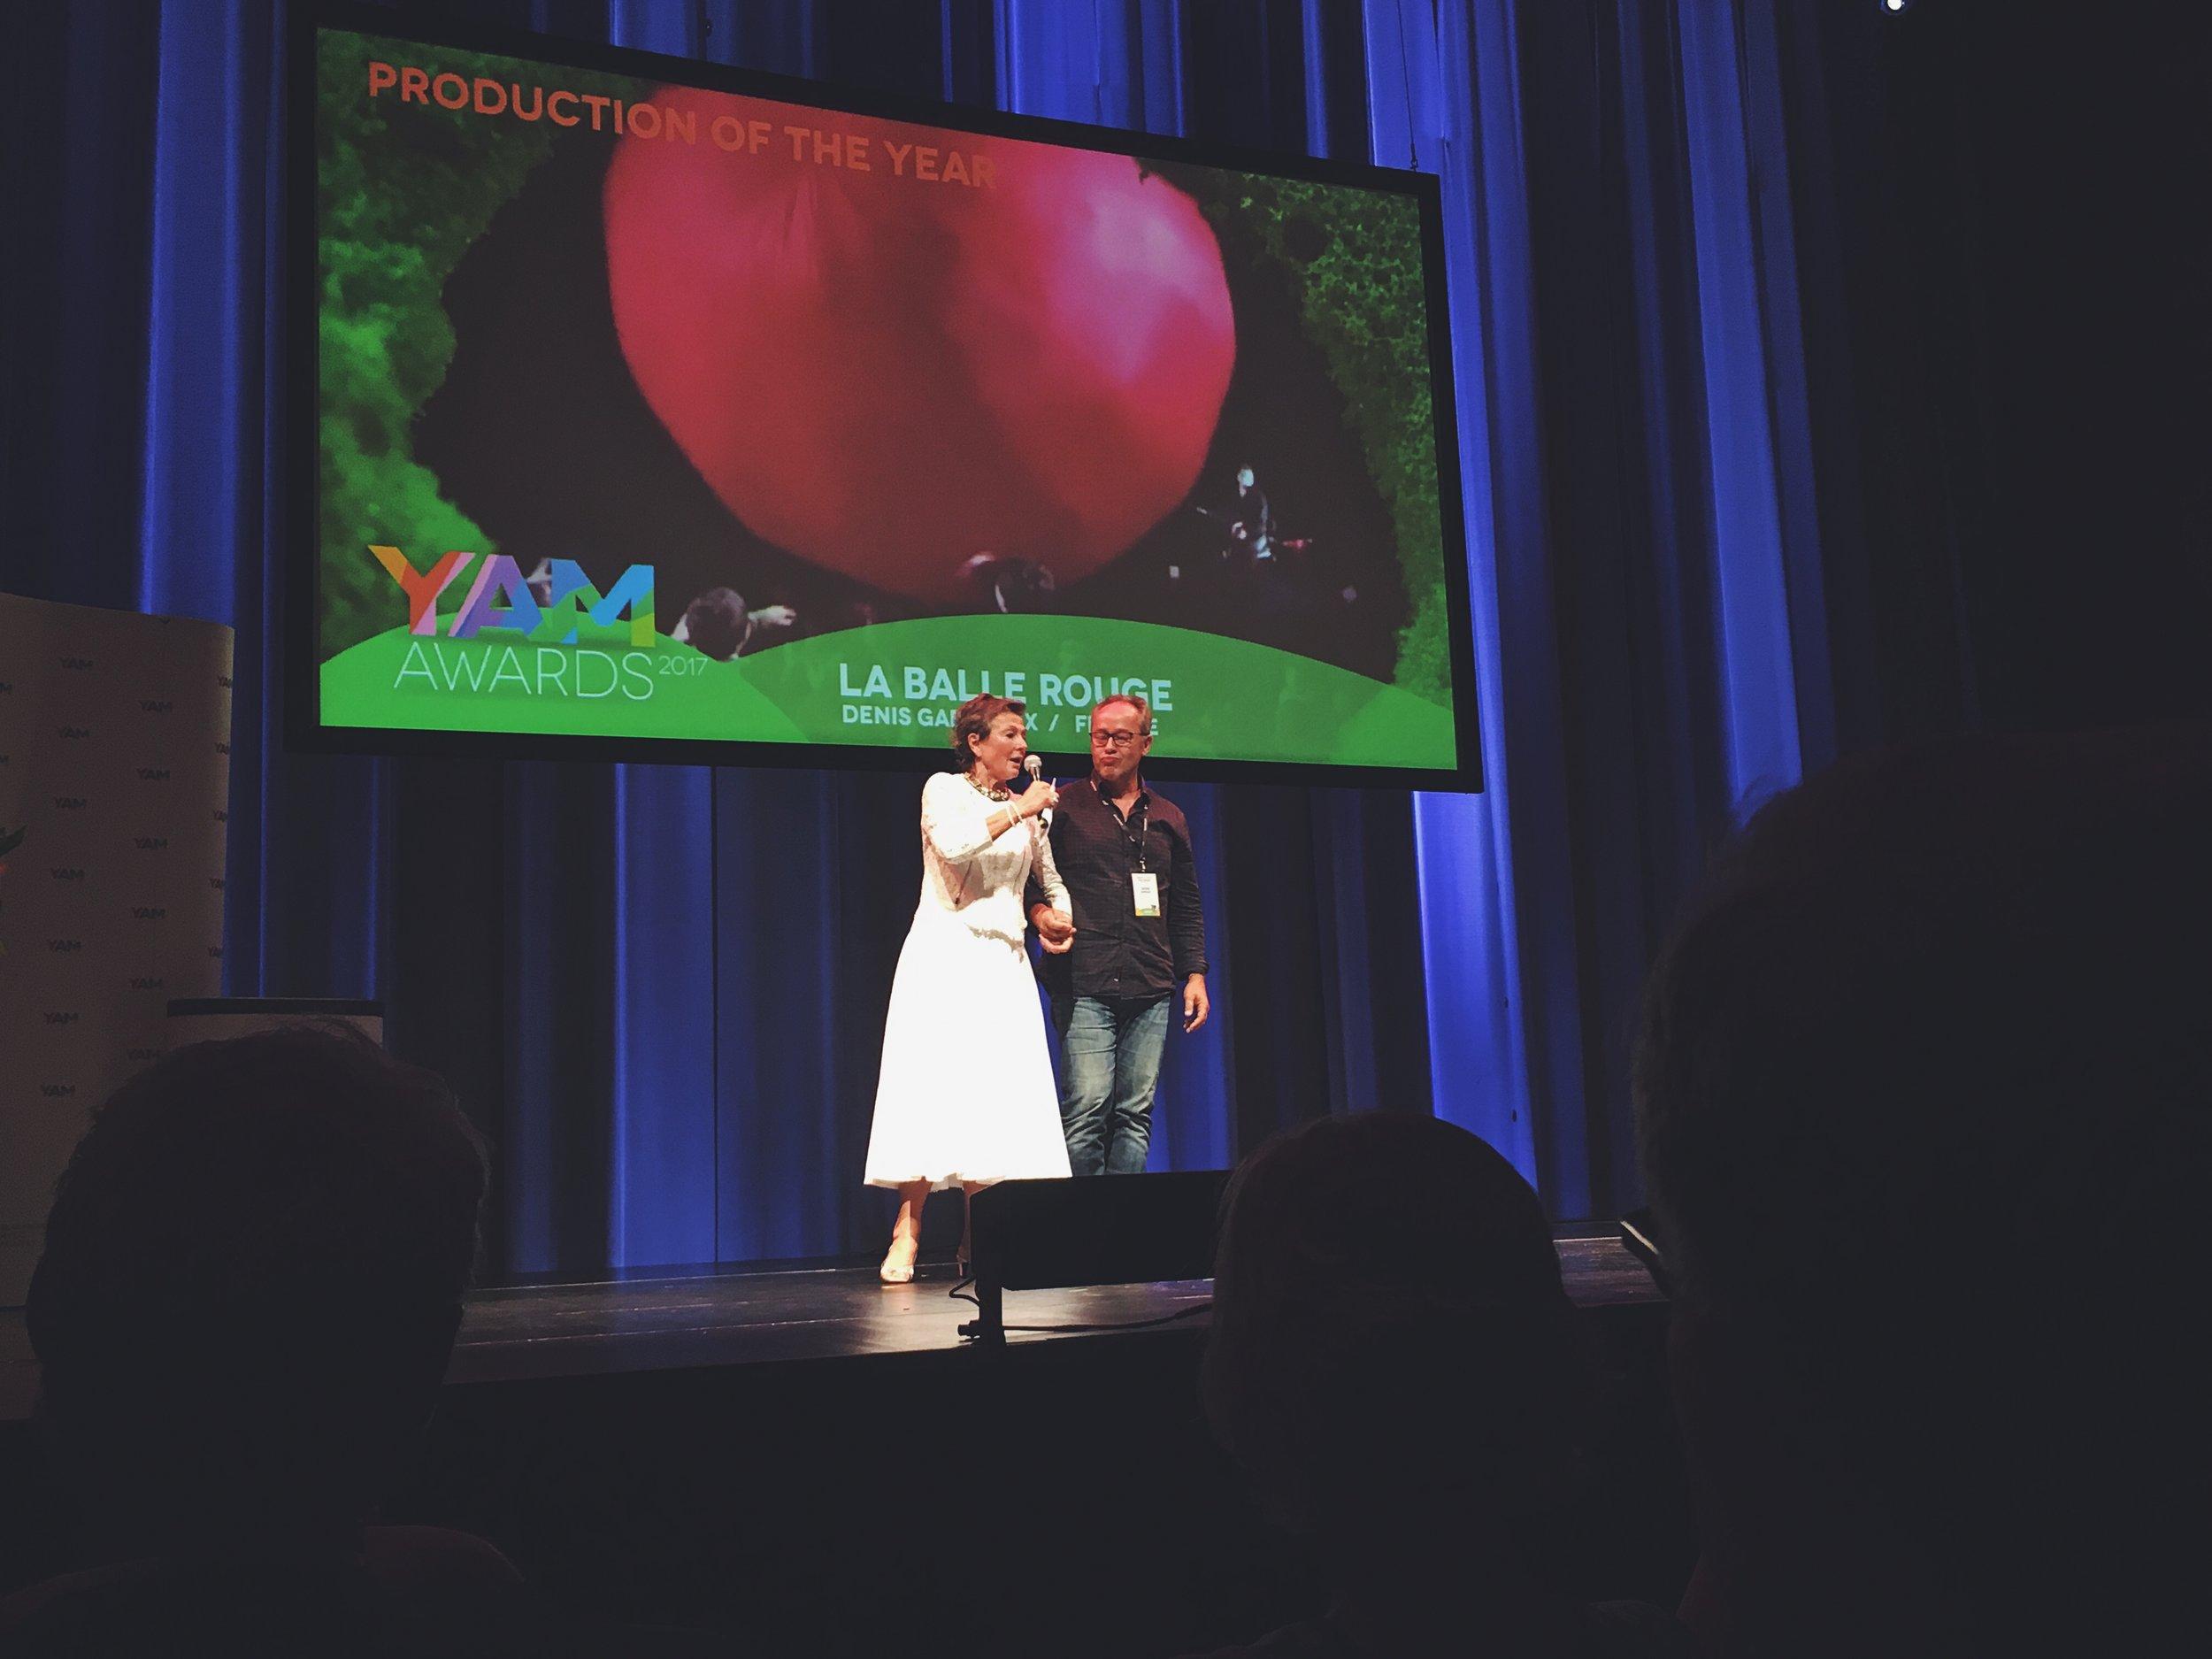 La Balle Rouge on vuoden produktio vuosimallia 2017. Kuva: Konserttikeskus